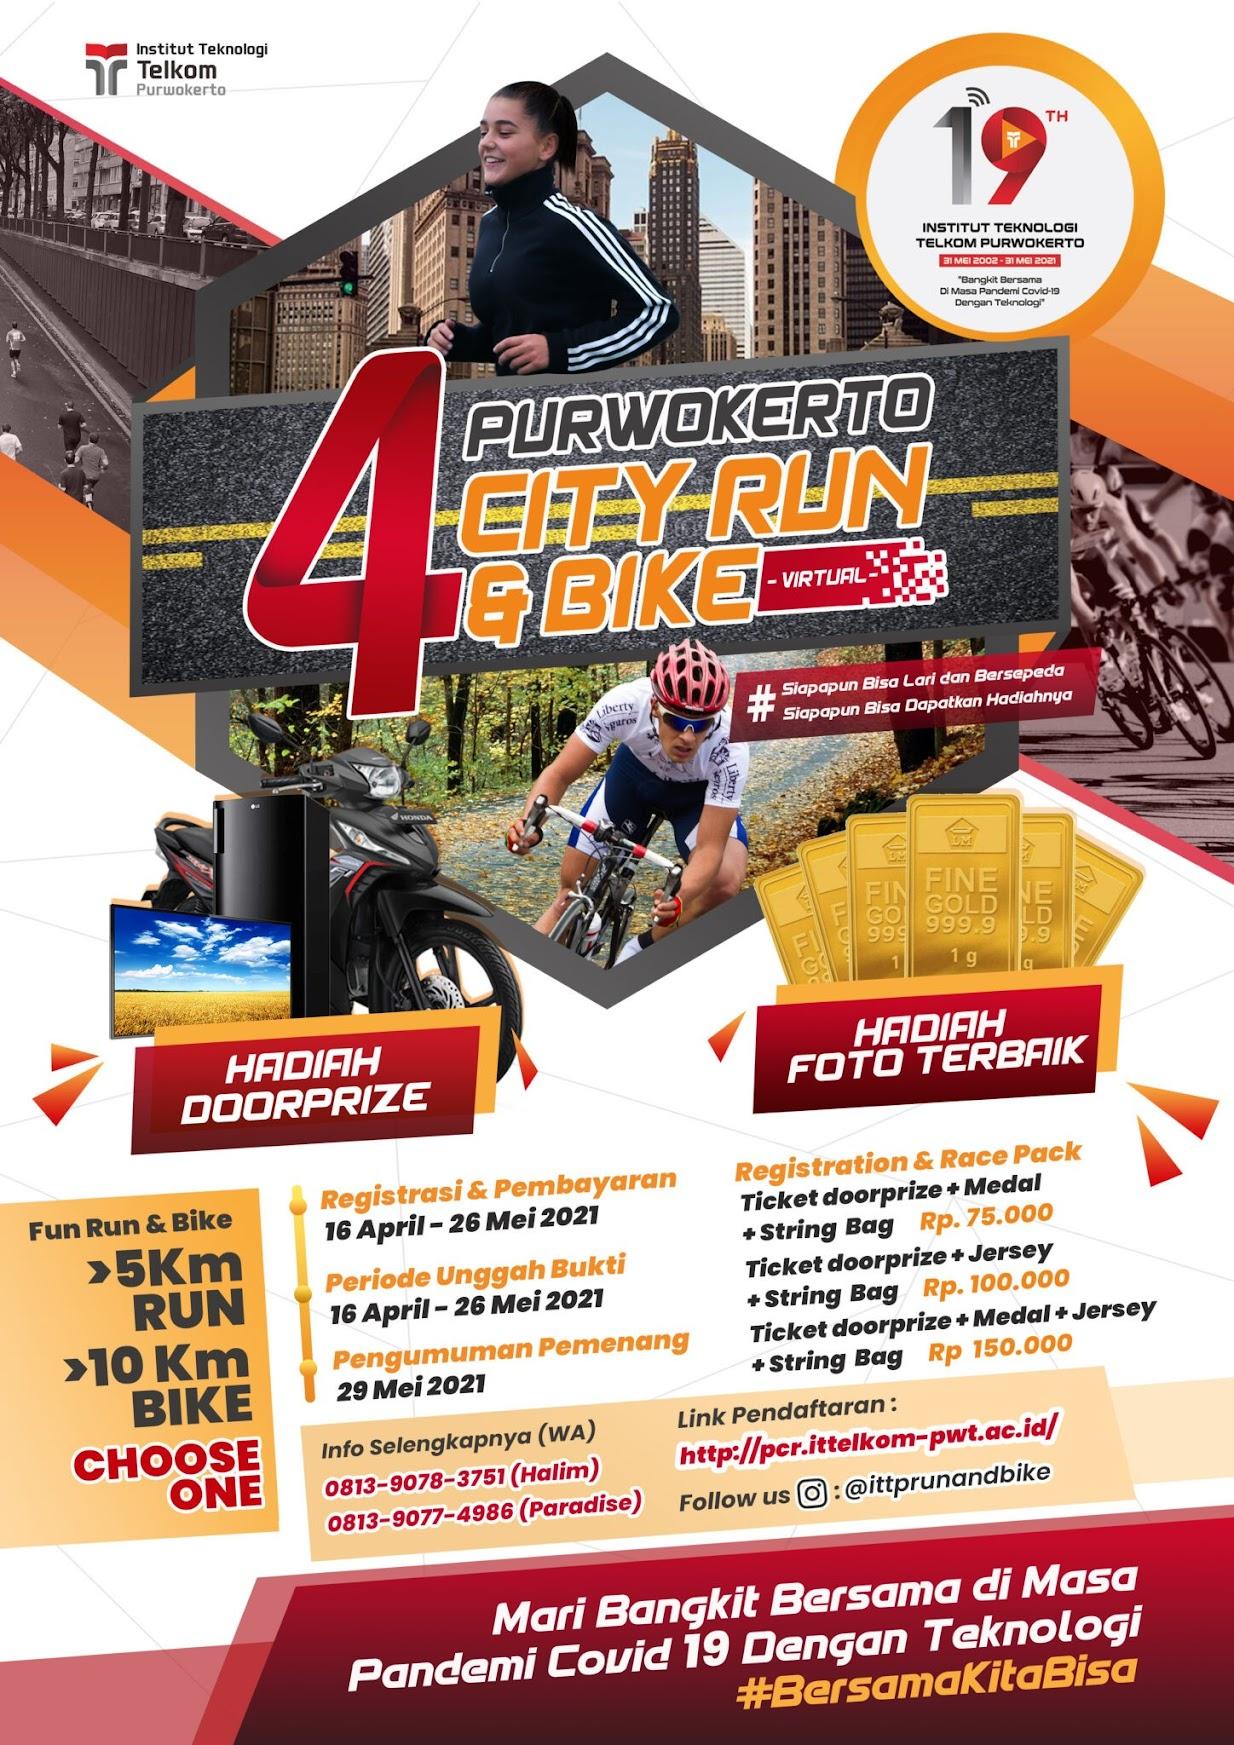 IT Telkom - Purwokerto City Run and Bike • 2021